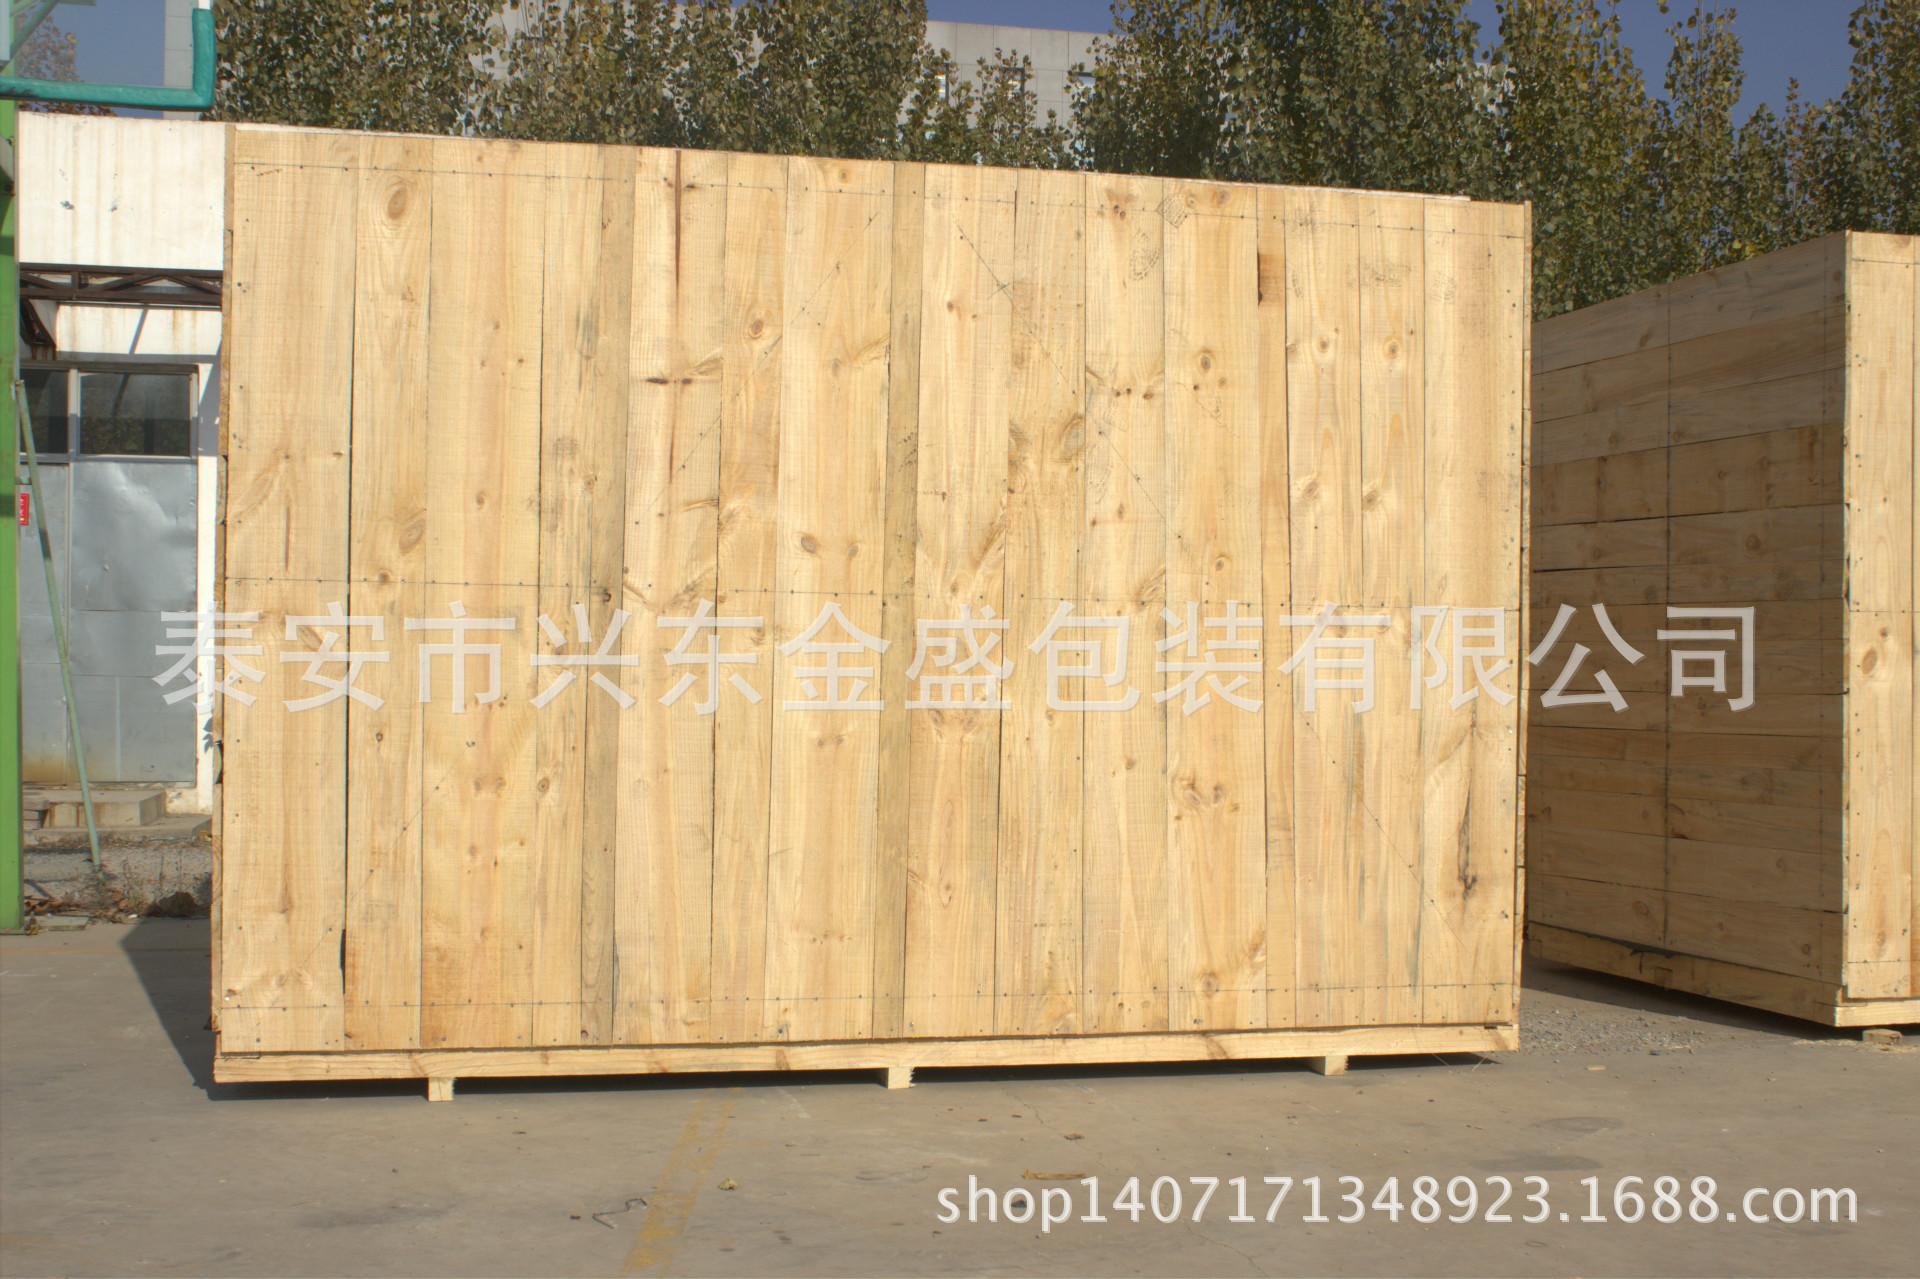 加工定做各种规格木箱 厂家直销机械设备木箱 山东木箱厂家